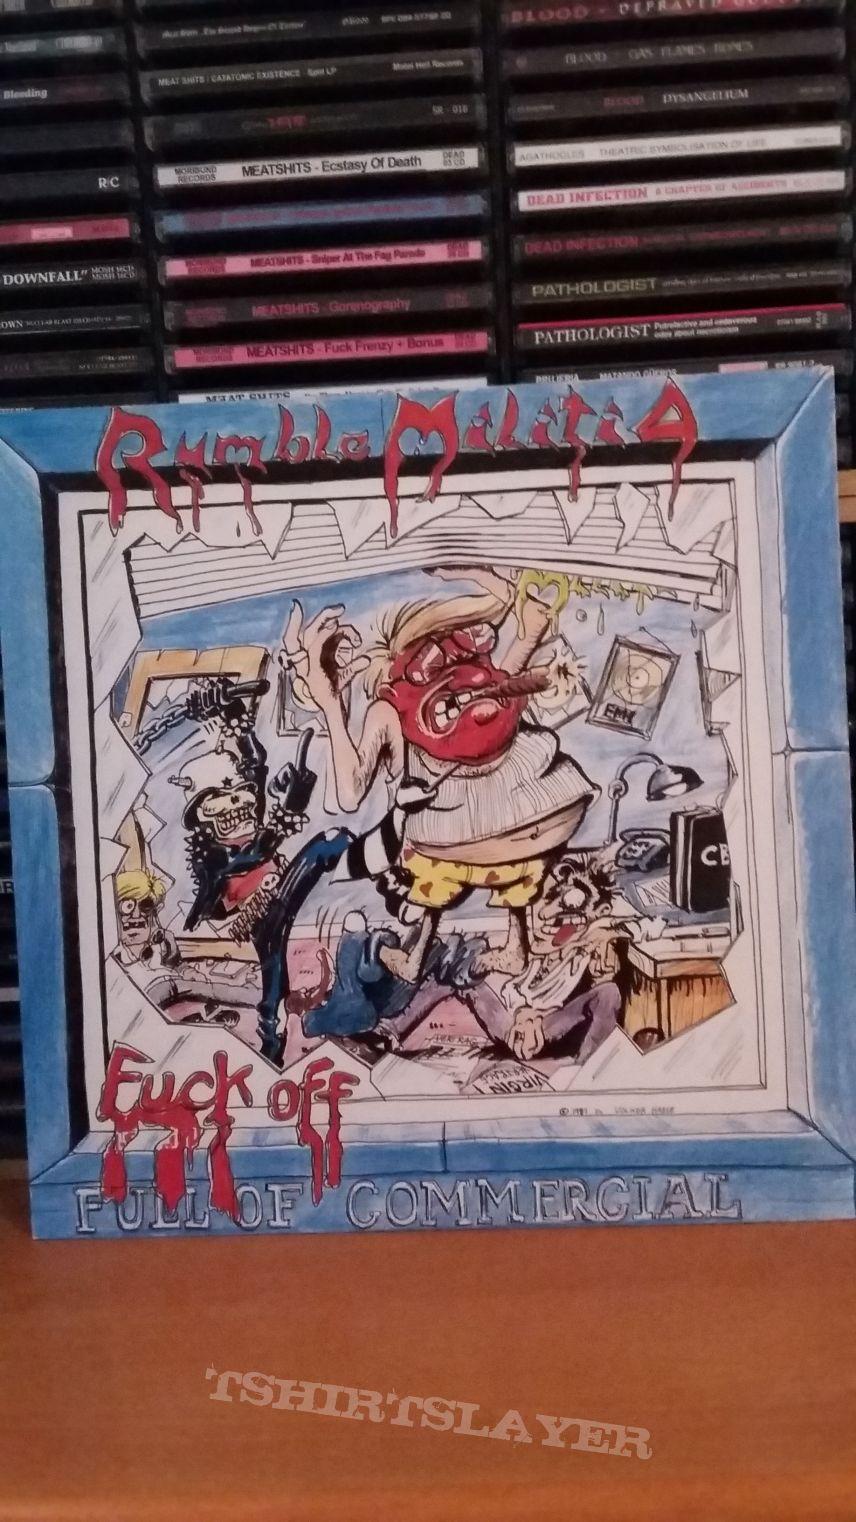 Rumble militia - fuck off commercial